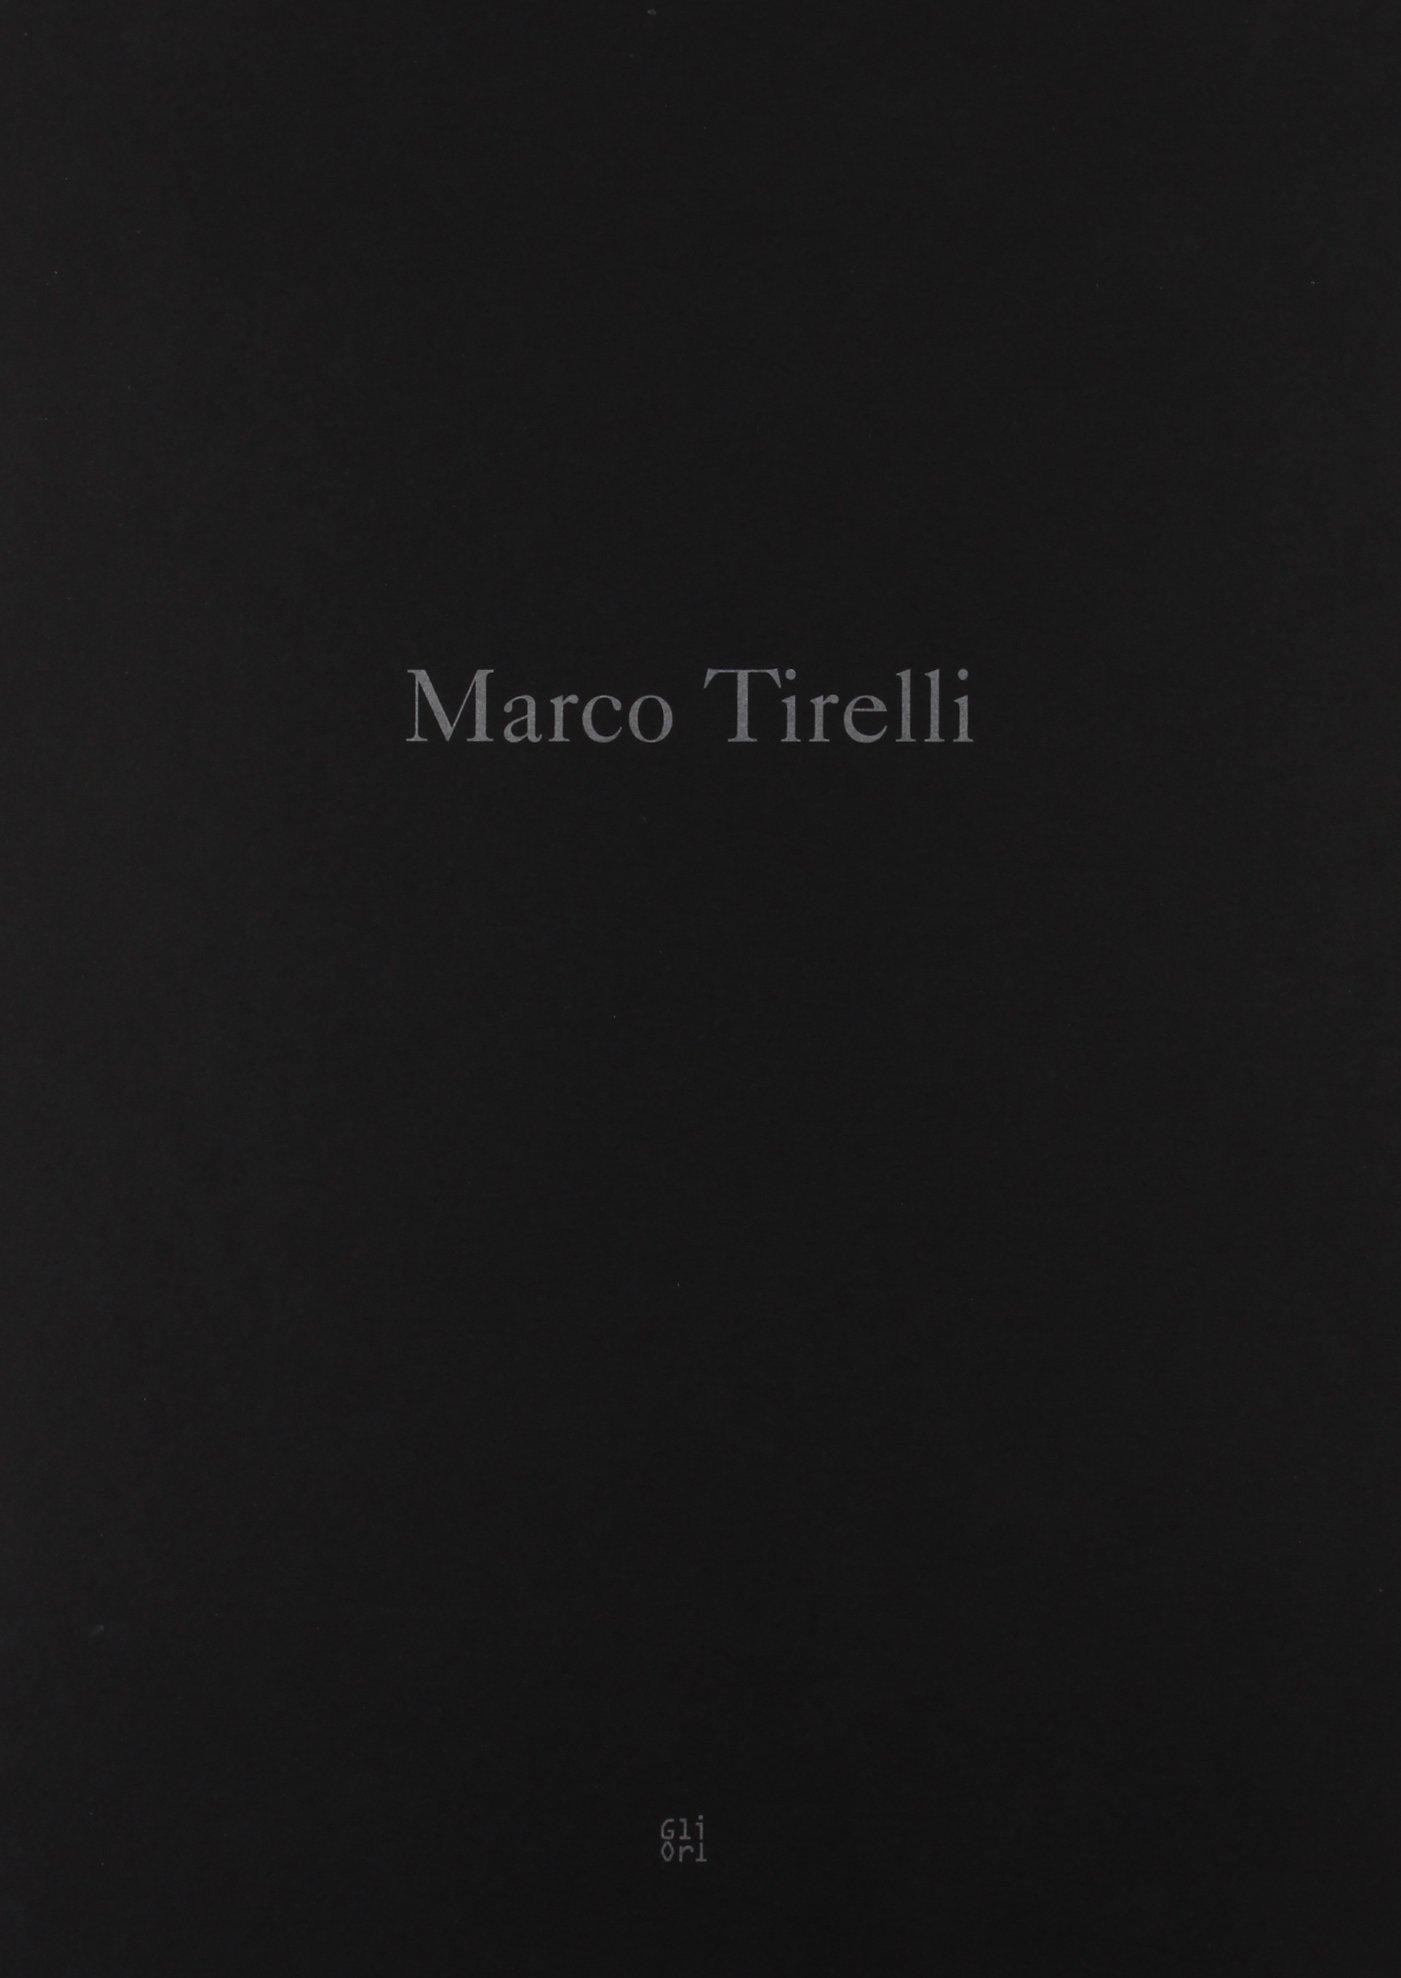 Marco Tirelli.: Amazon.co.uk: 9788873365136: Books